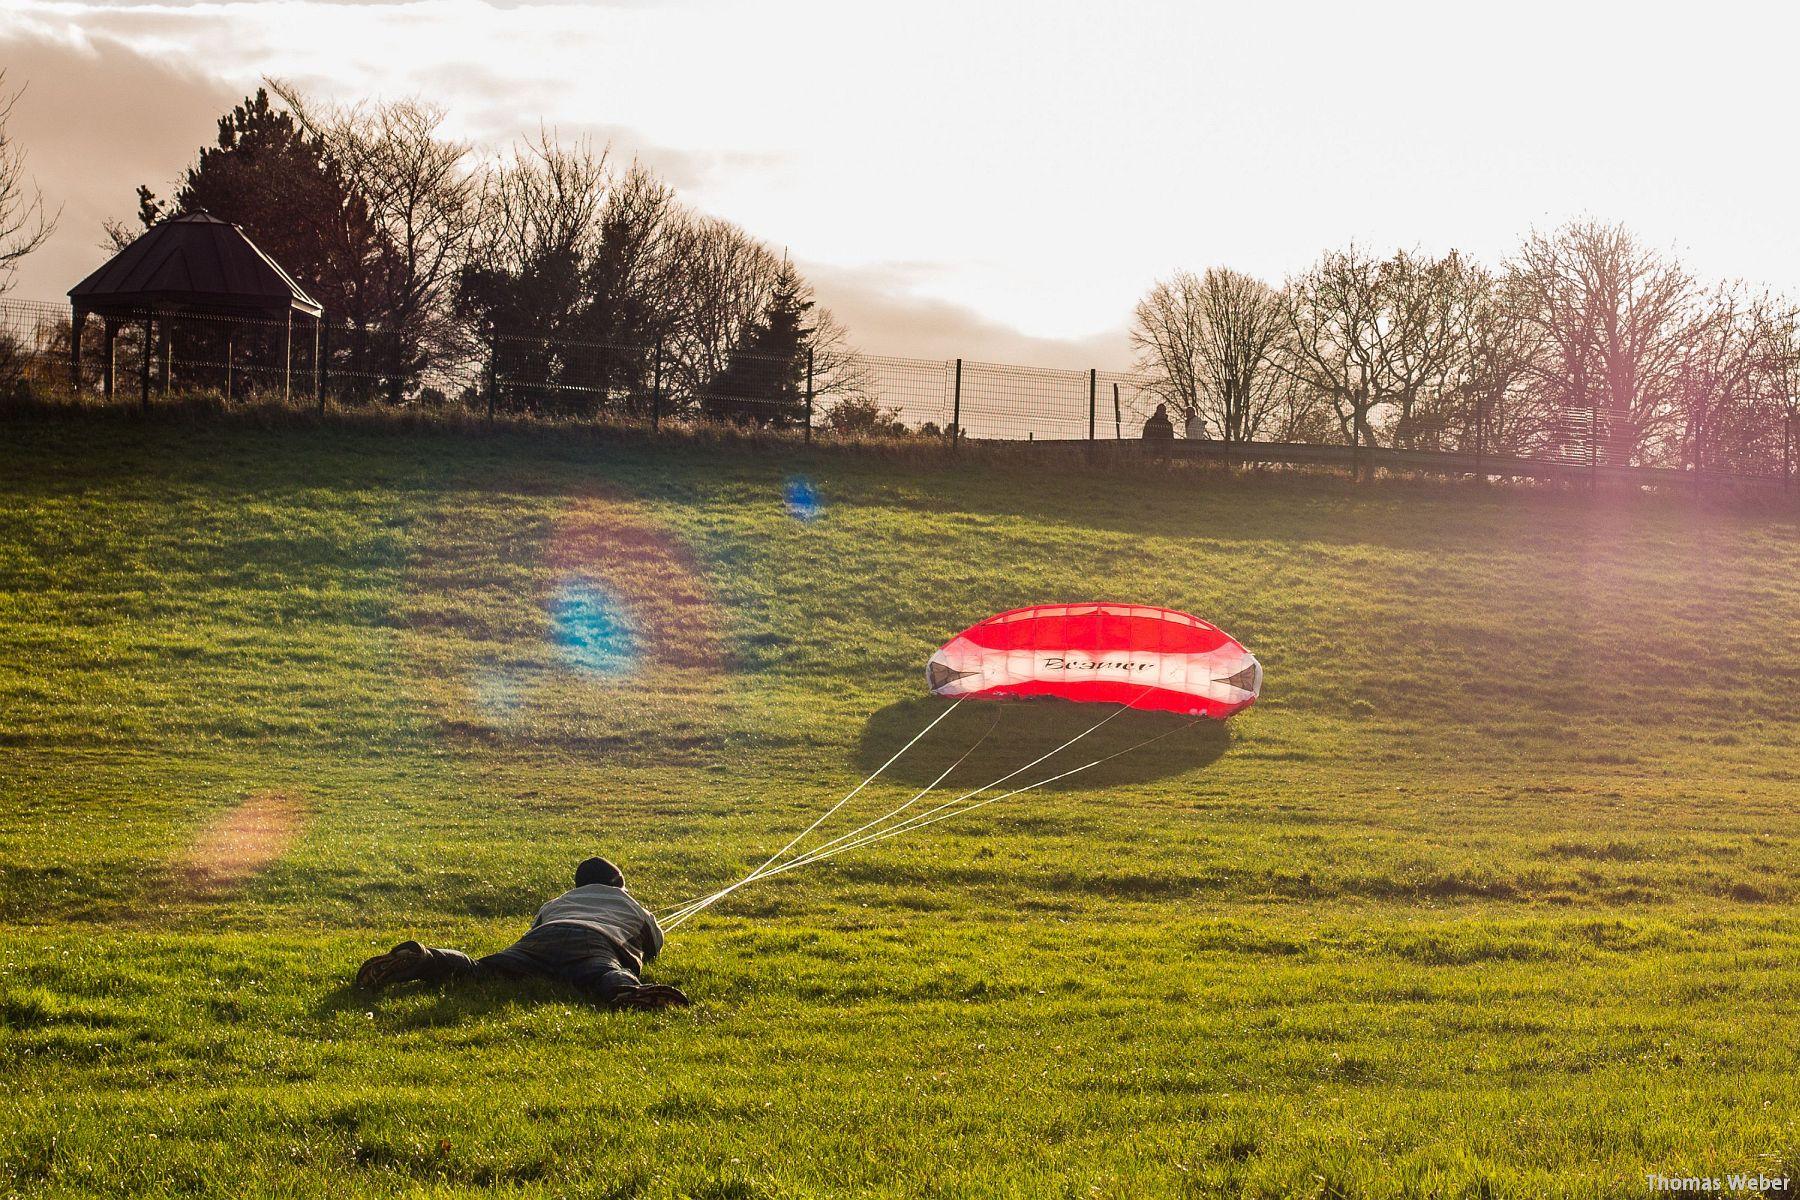 Kite-Surfen auf dem Festland in Dangast (2)